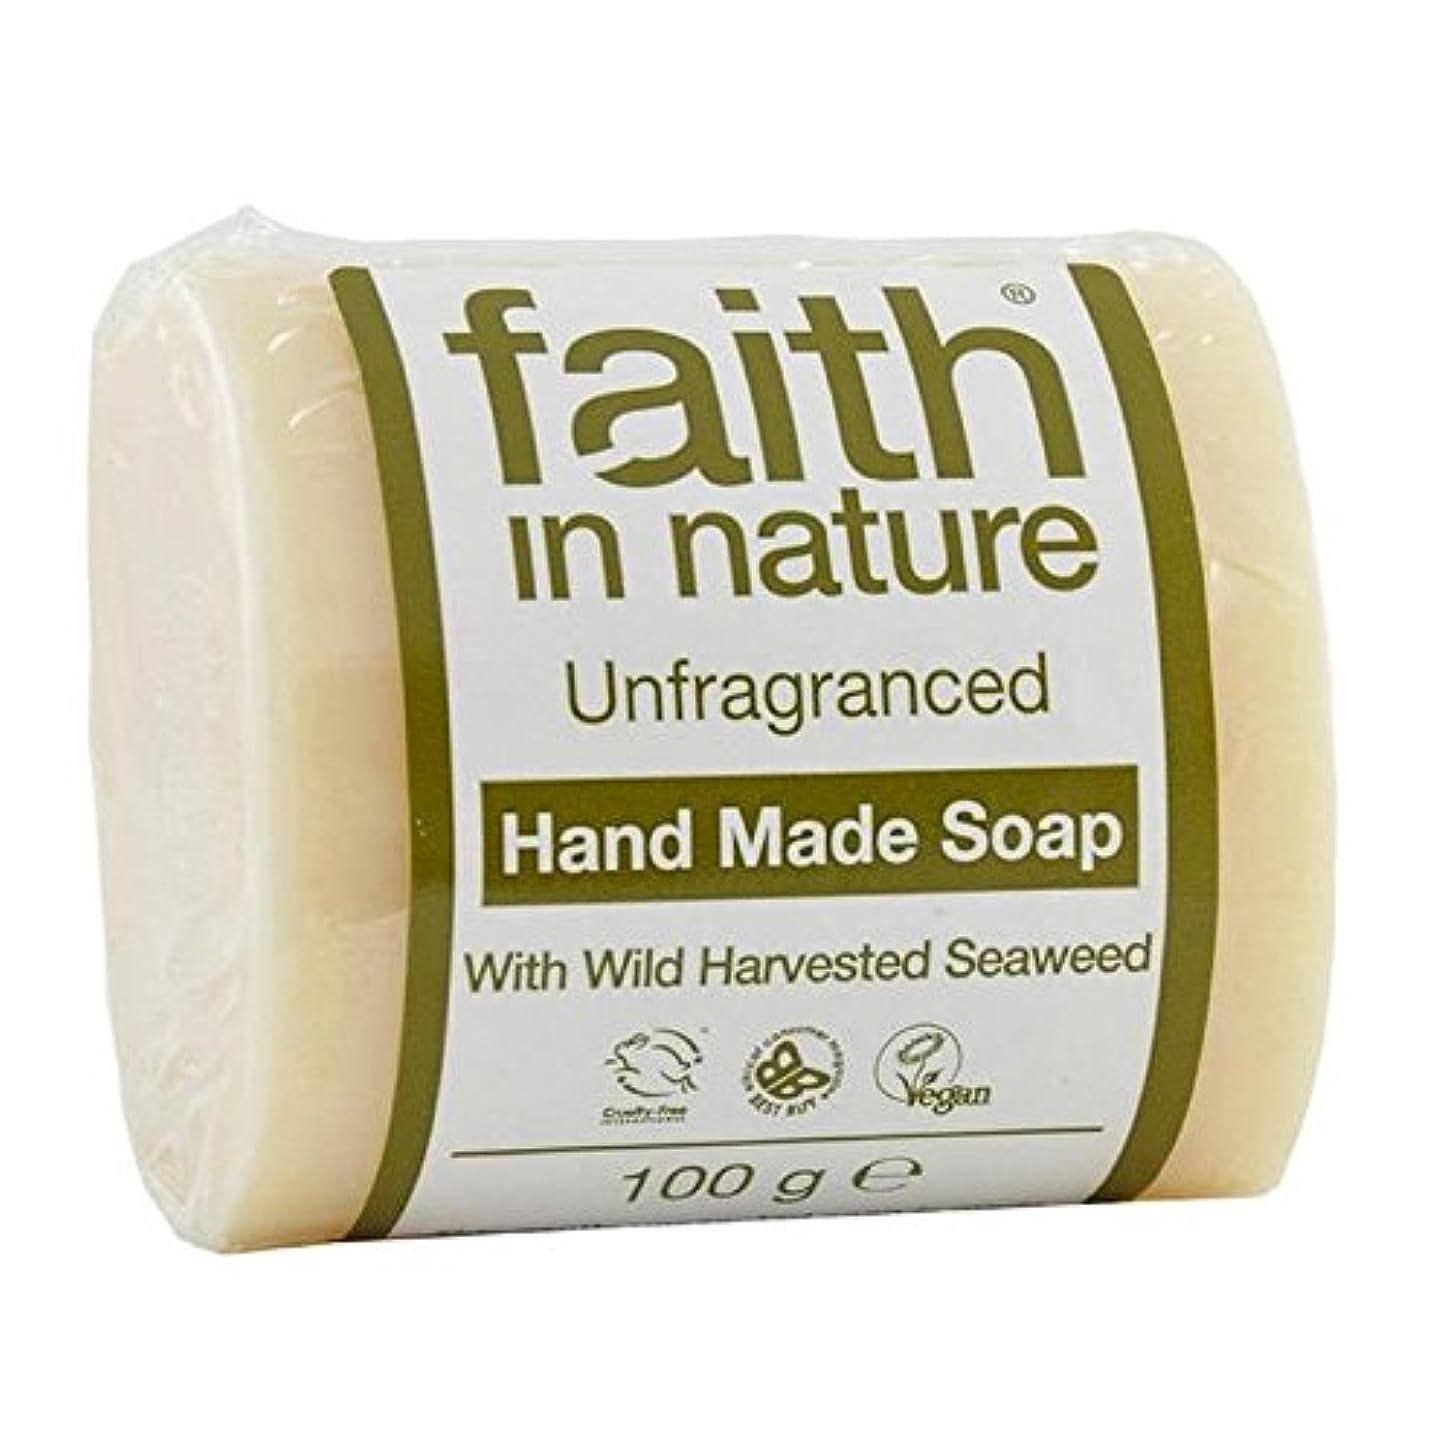 ペチュランス体操選手あいまいFaith in Nature Unfragranced Pure Hand Made Soap 100g (Pack of 4) - (Faith In Nature) 自然の中で信仰は純粋な手作り石鹸100グラムを無香料 (x4) [並行輸入品]